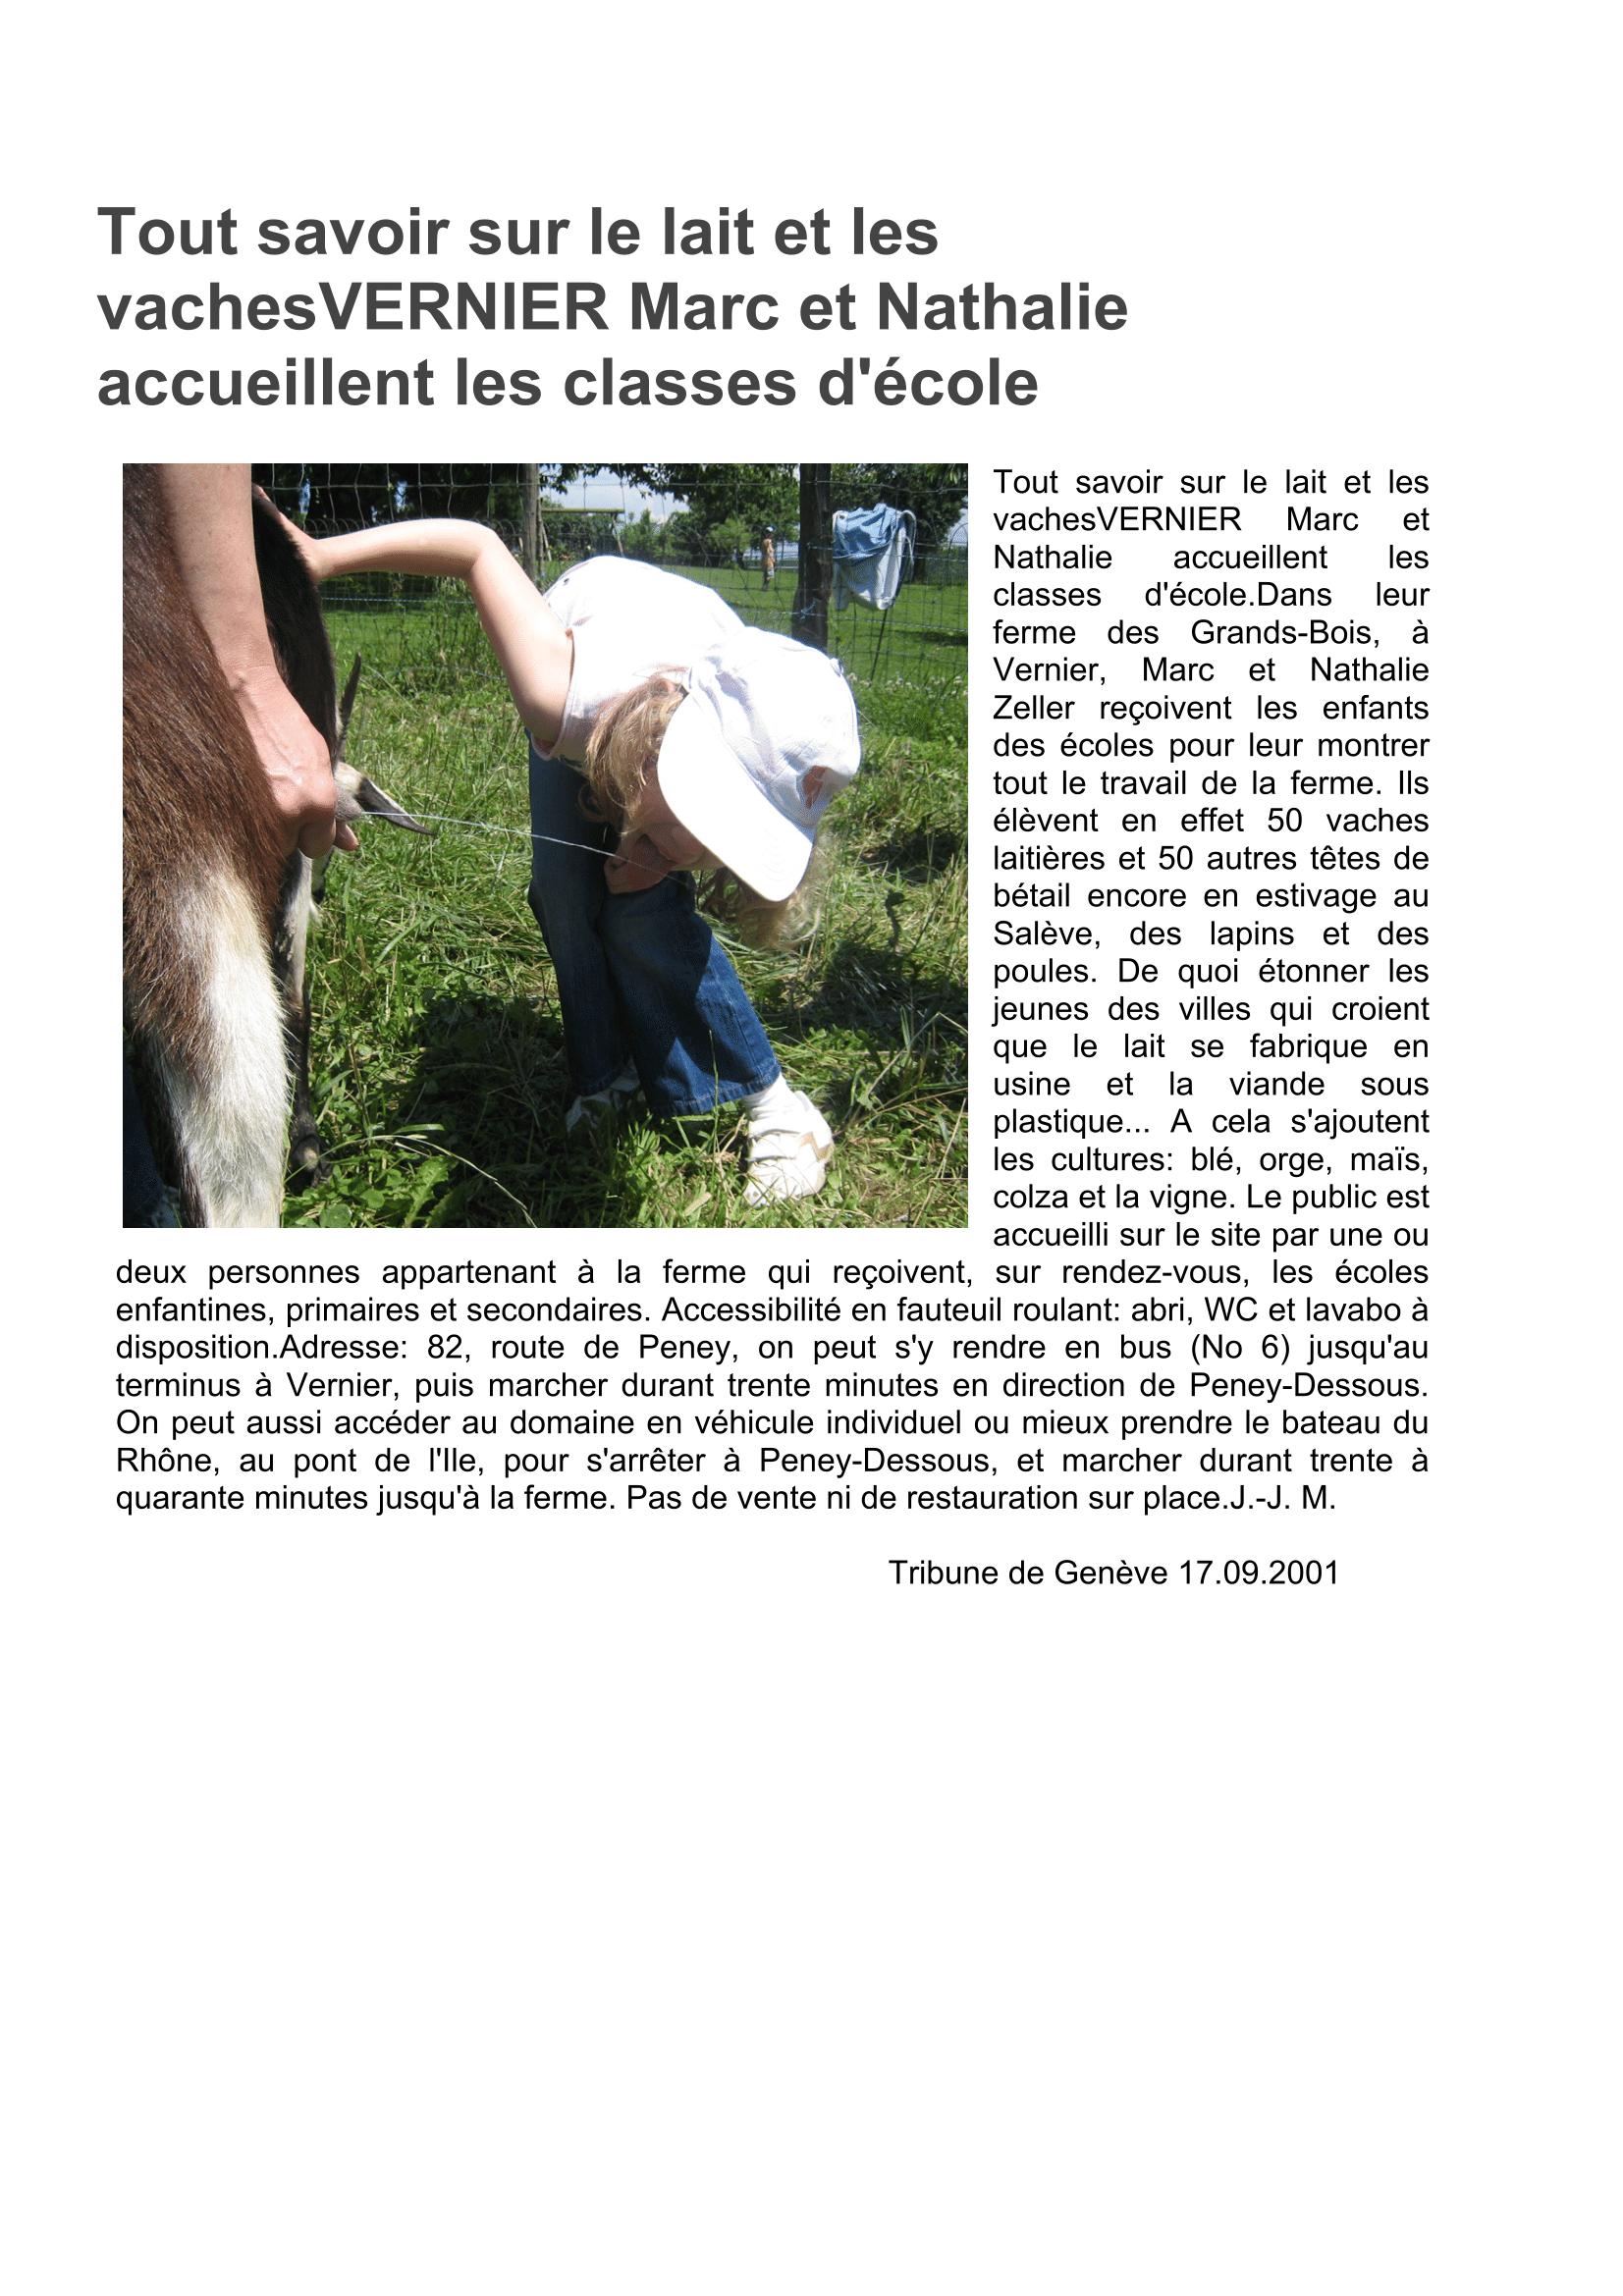 tout-savoir-sur-le-lait-et-les-vaches--tribune-de-gene0300ve-17003a09003a2001-1